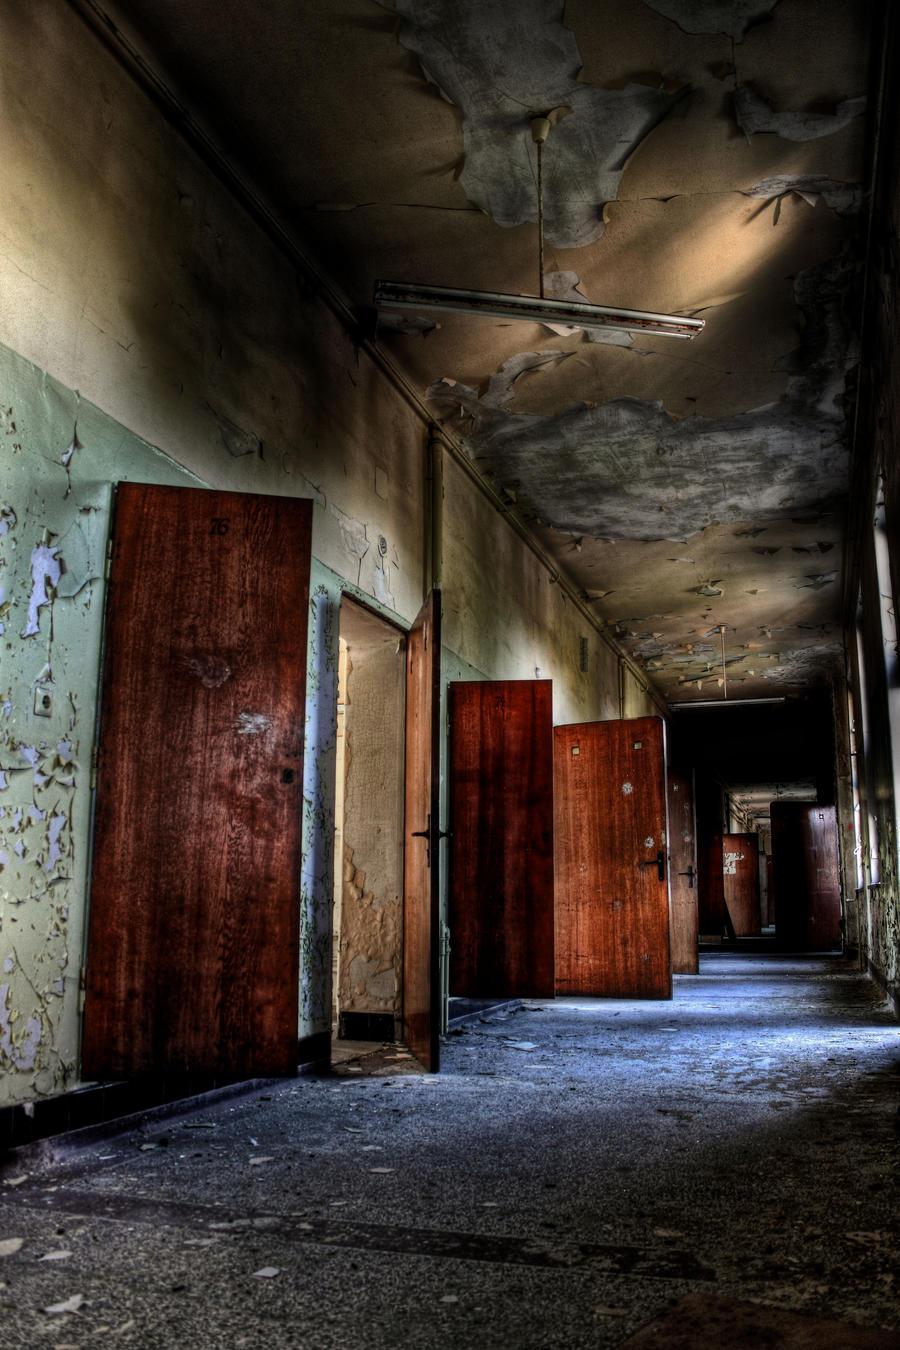 sanatorium 5 by Skanatiker